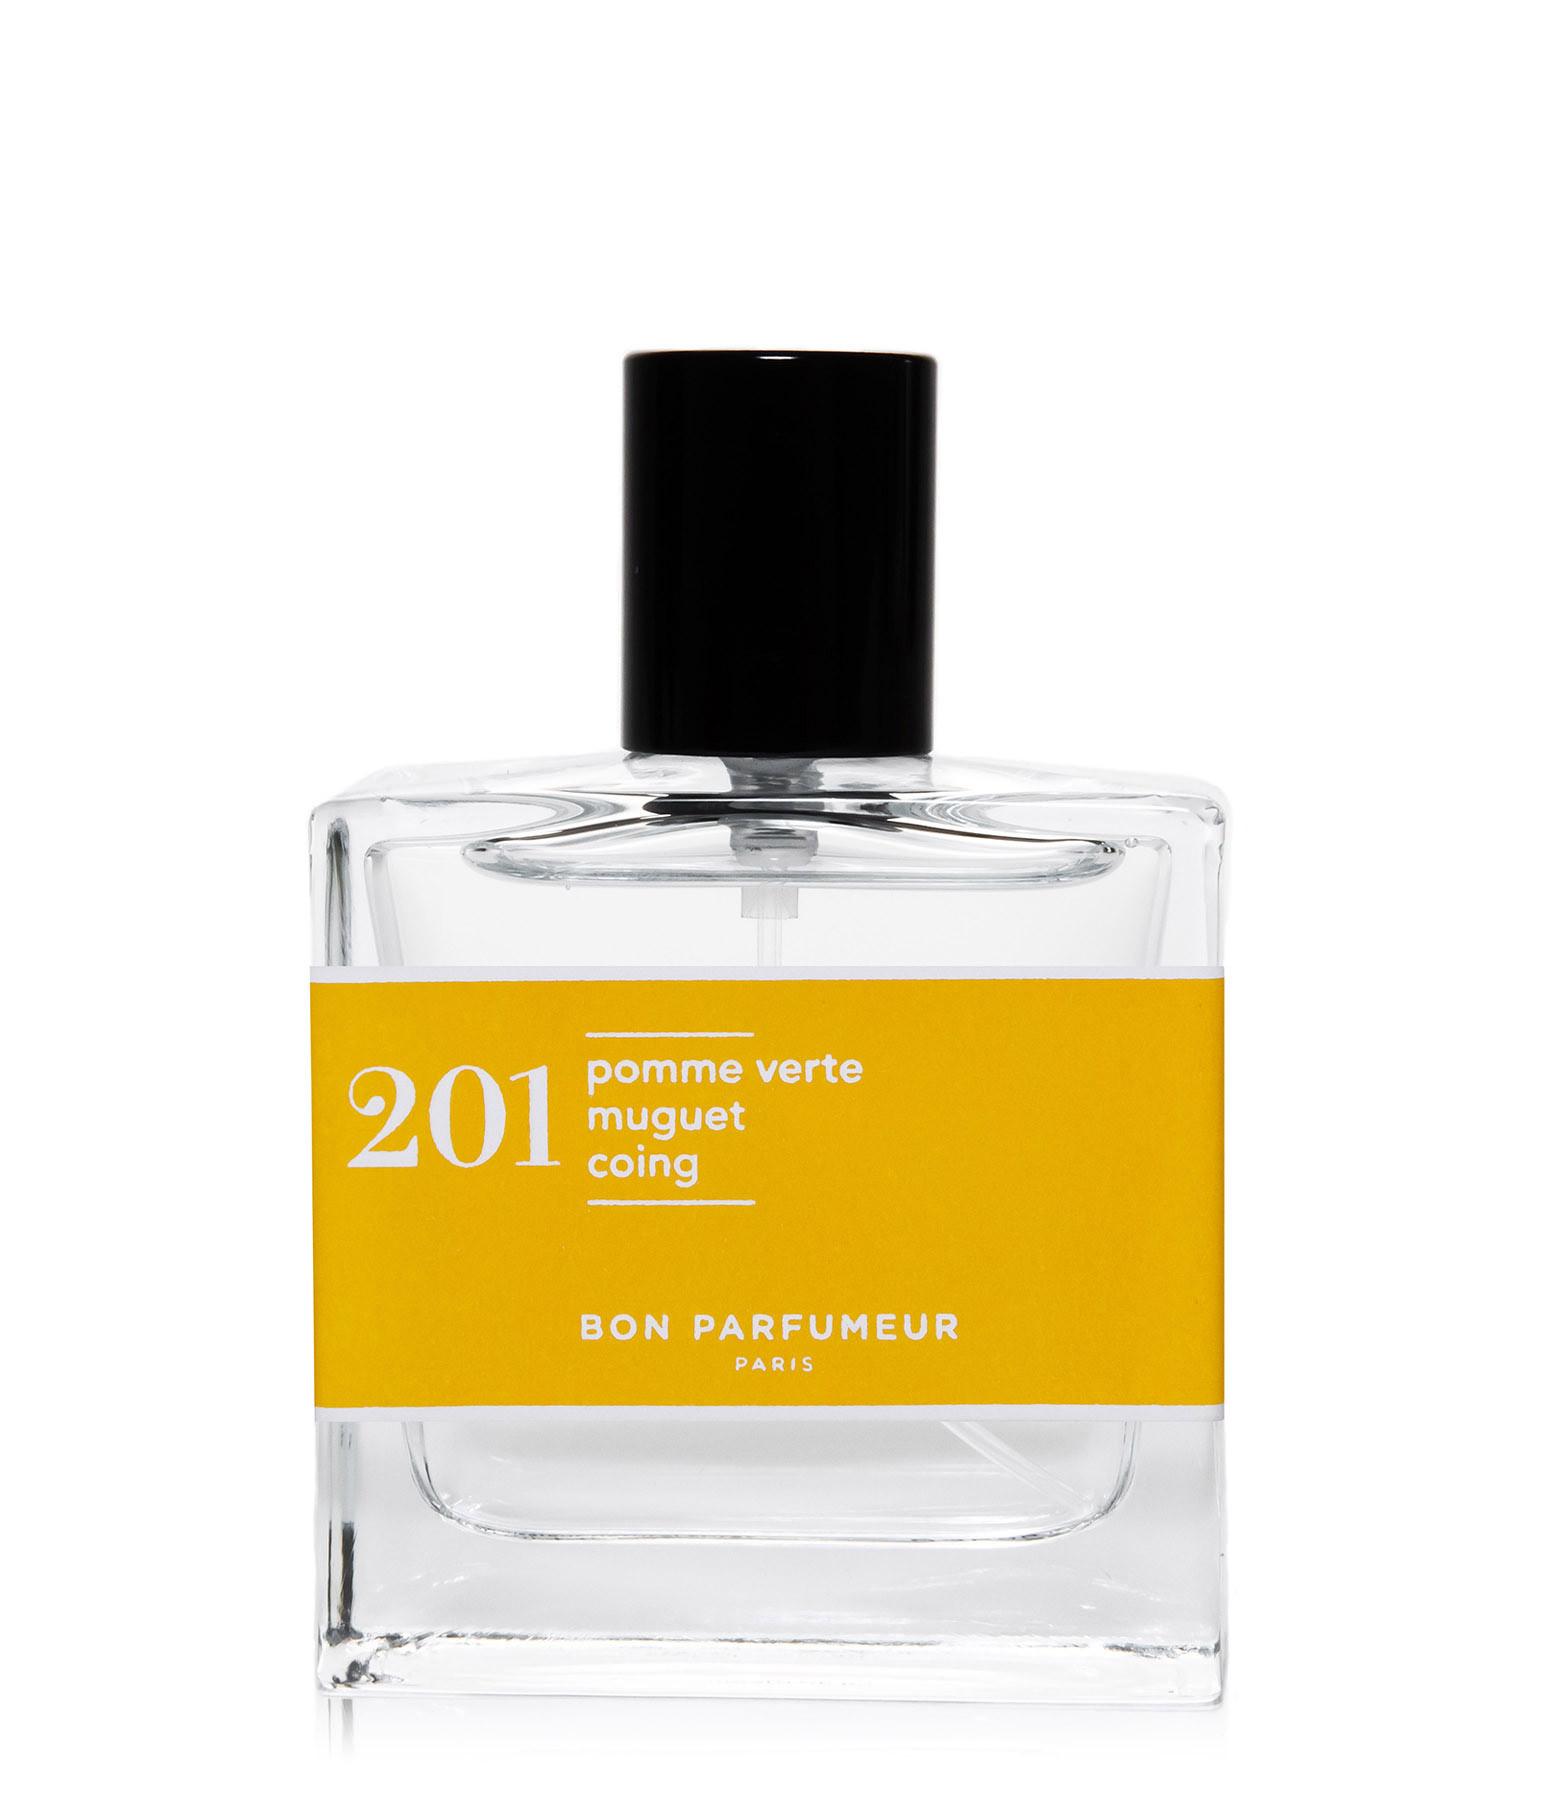 BON PARFUMEUR - Eau de Parfum #201 Pomme verte, Muguet, Coing